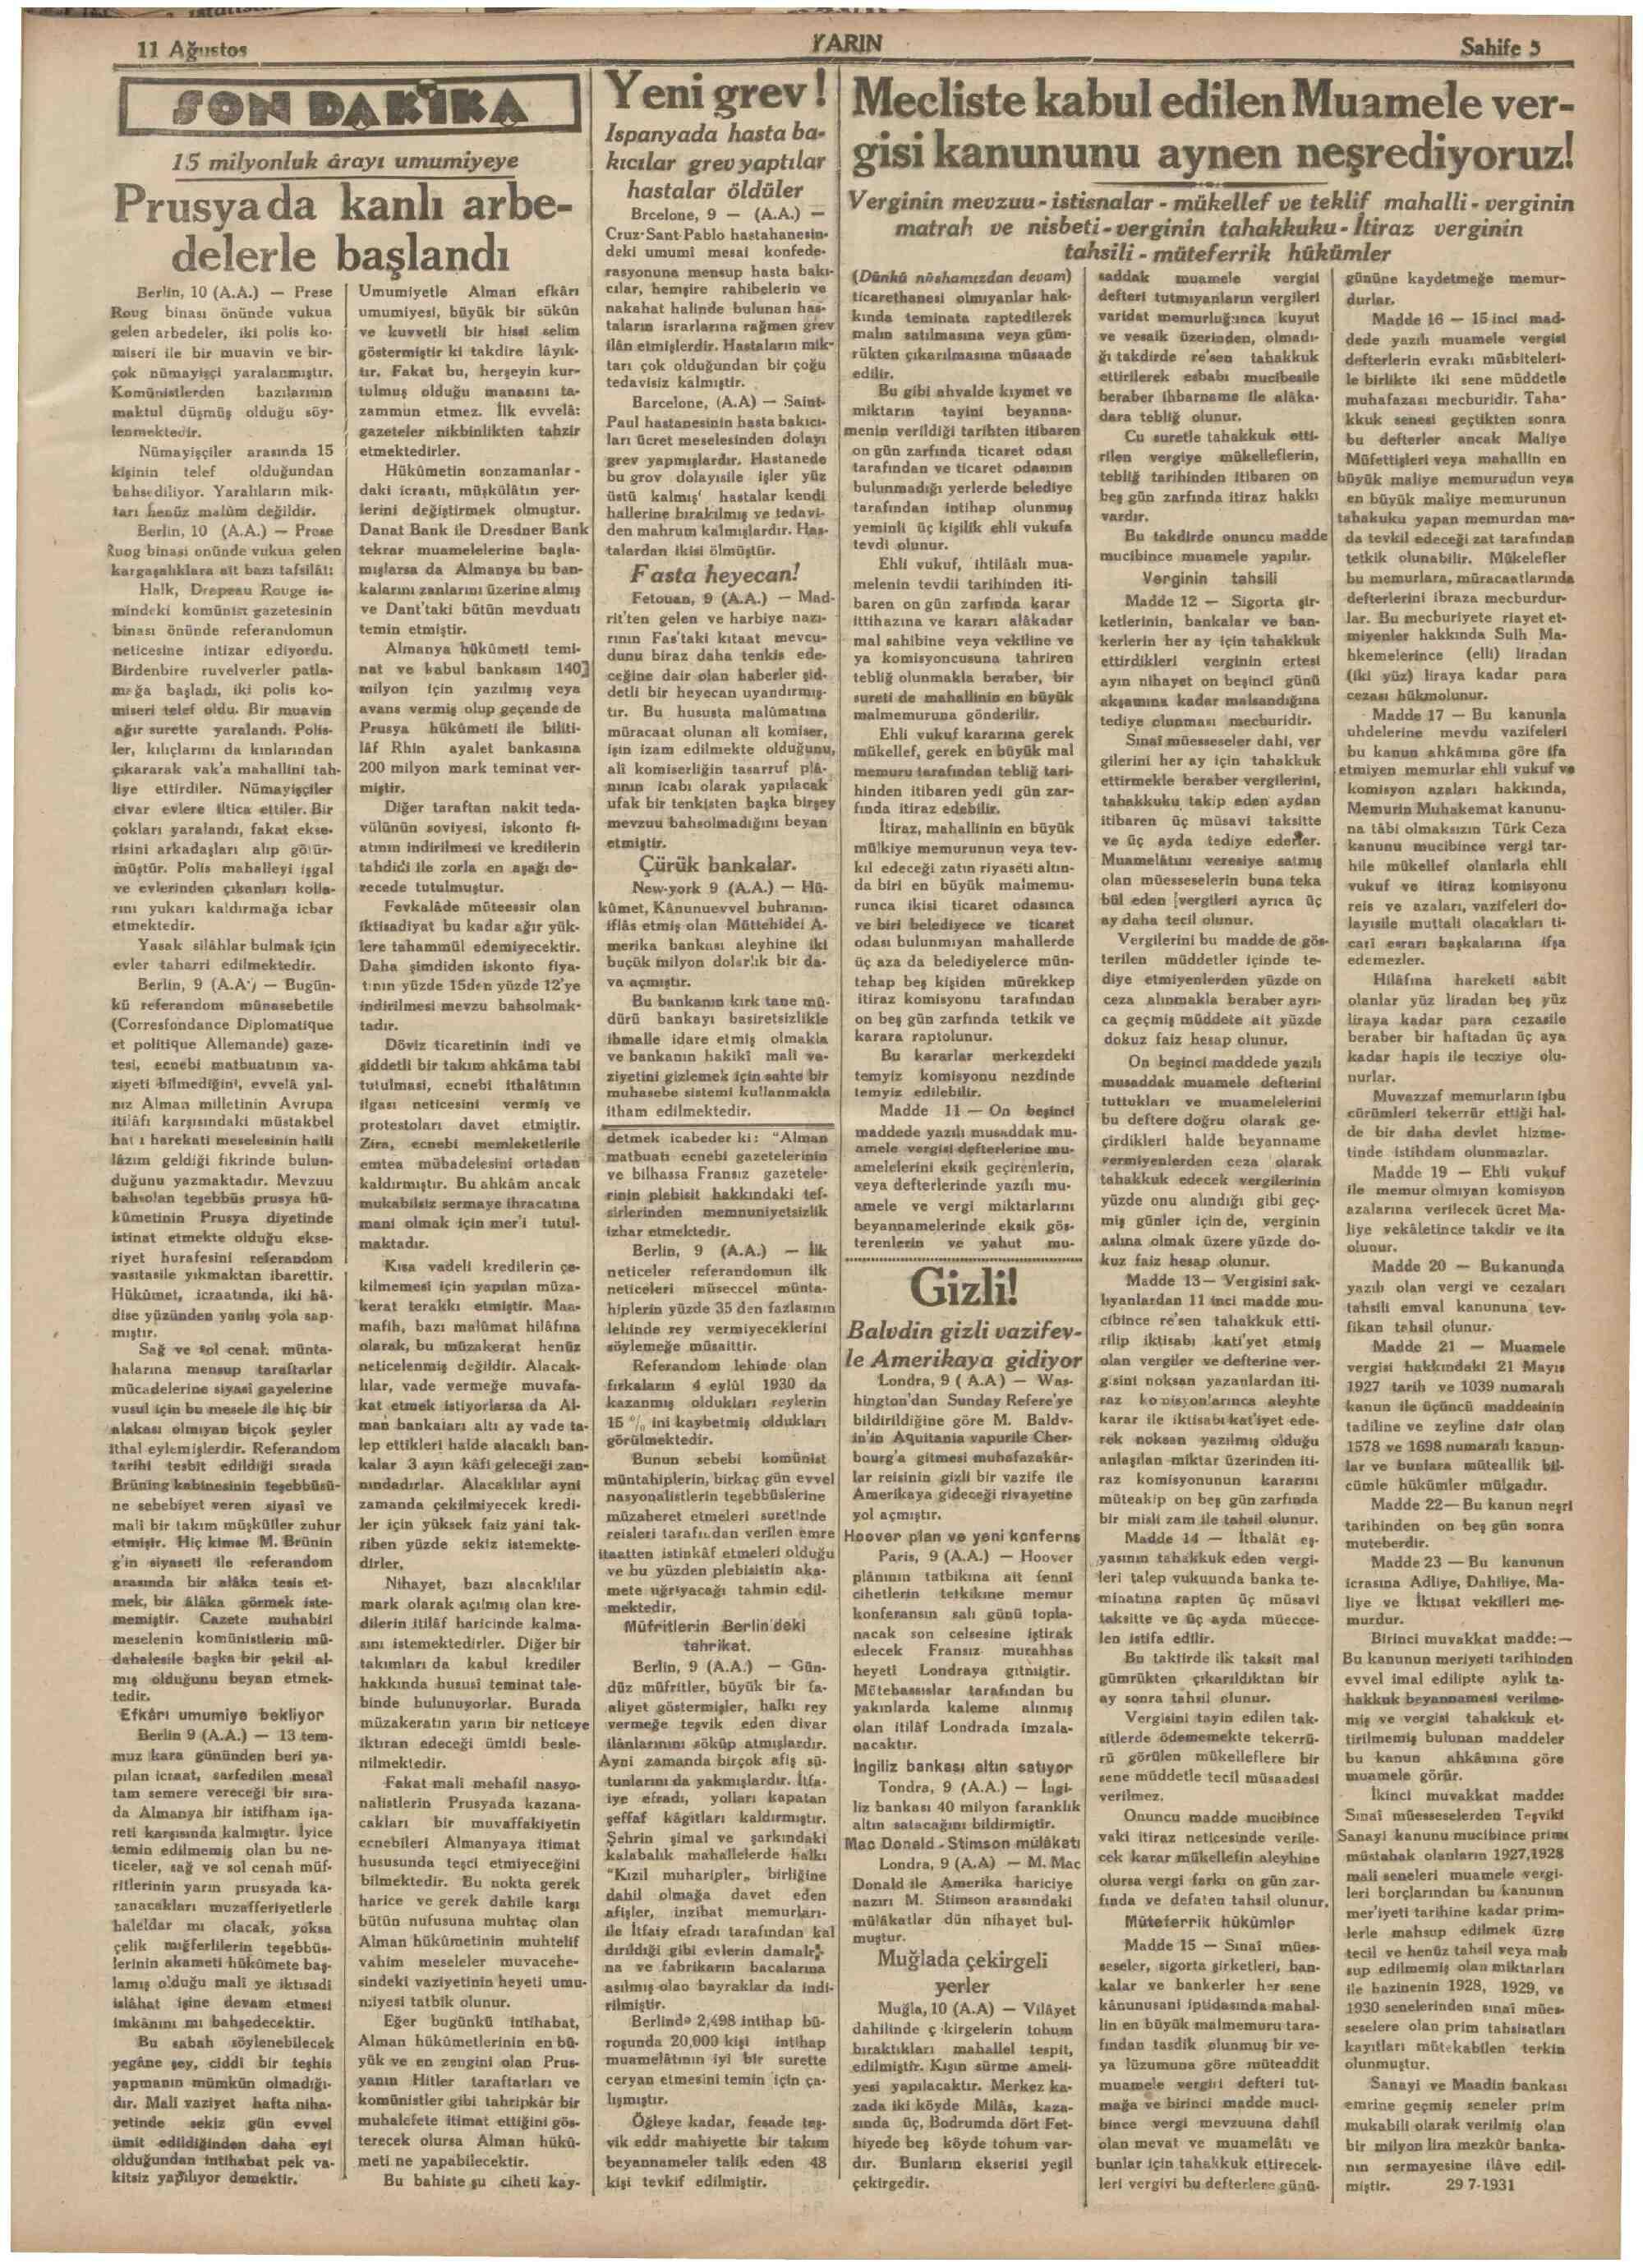 11 Ağustos 1931 Tarihli Yarın Dergisi Sayfa 5